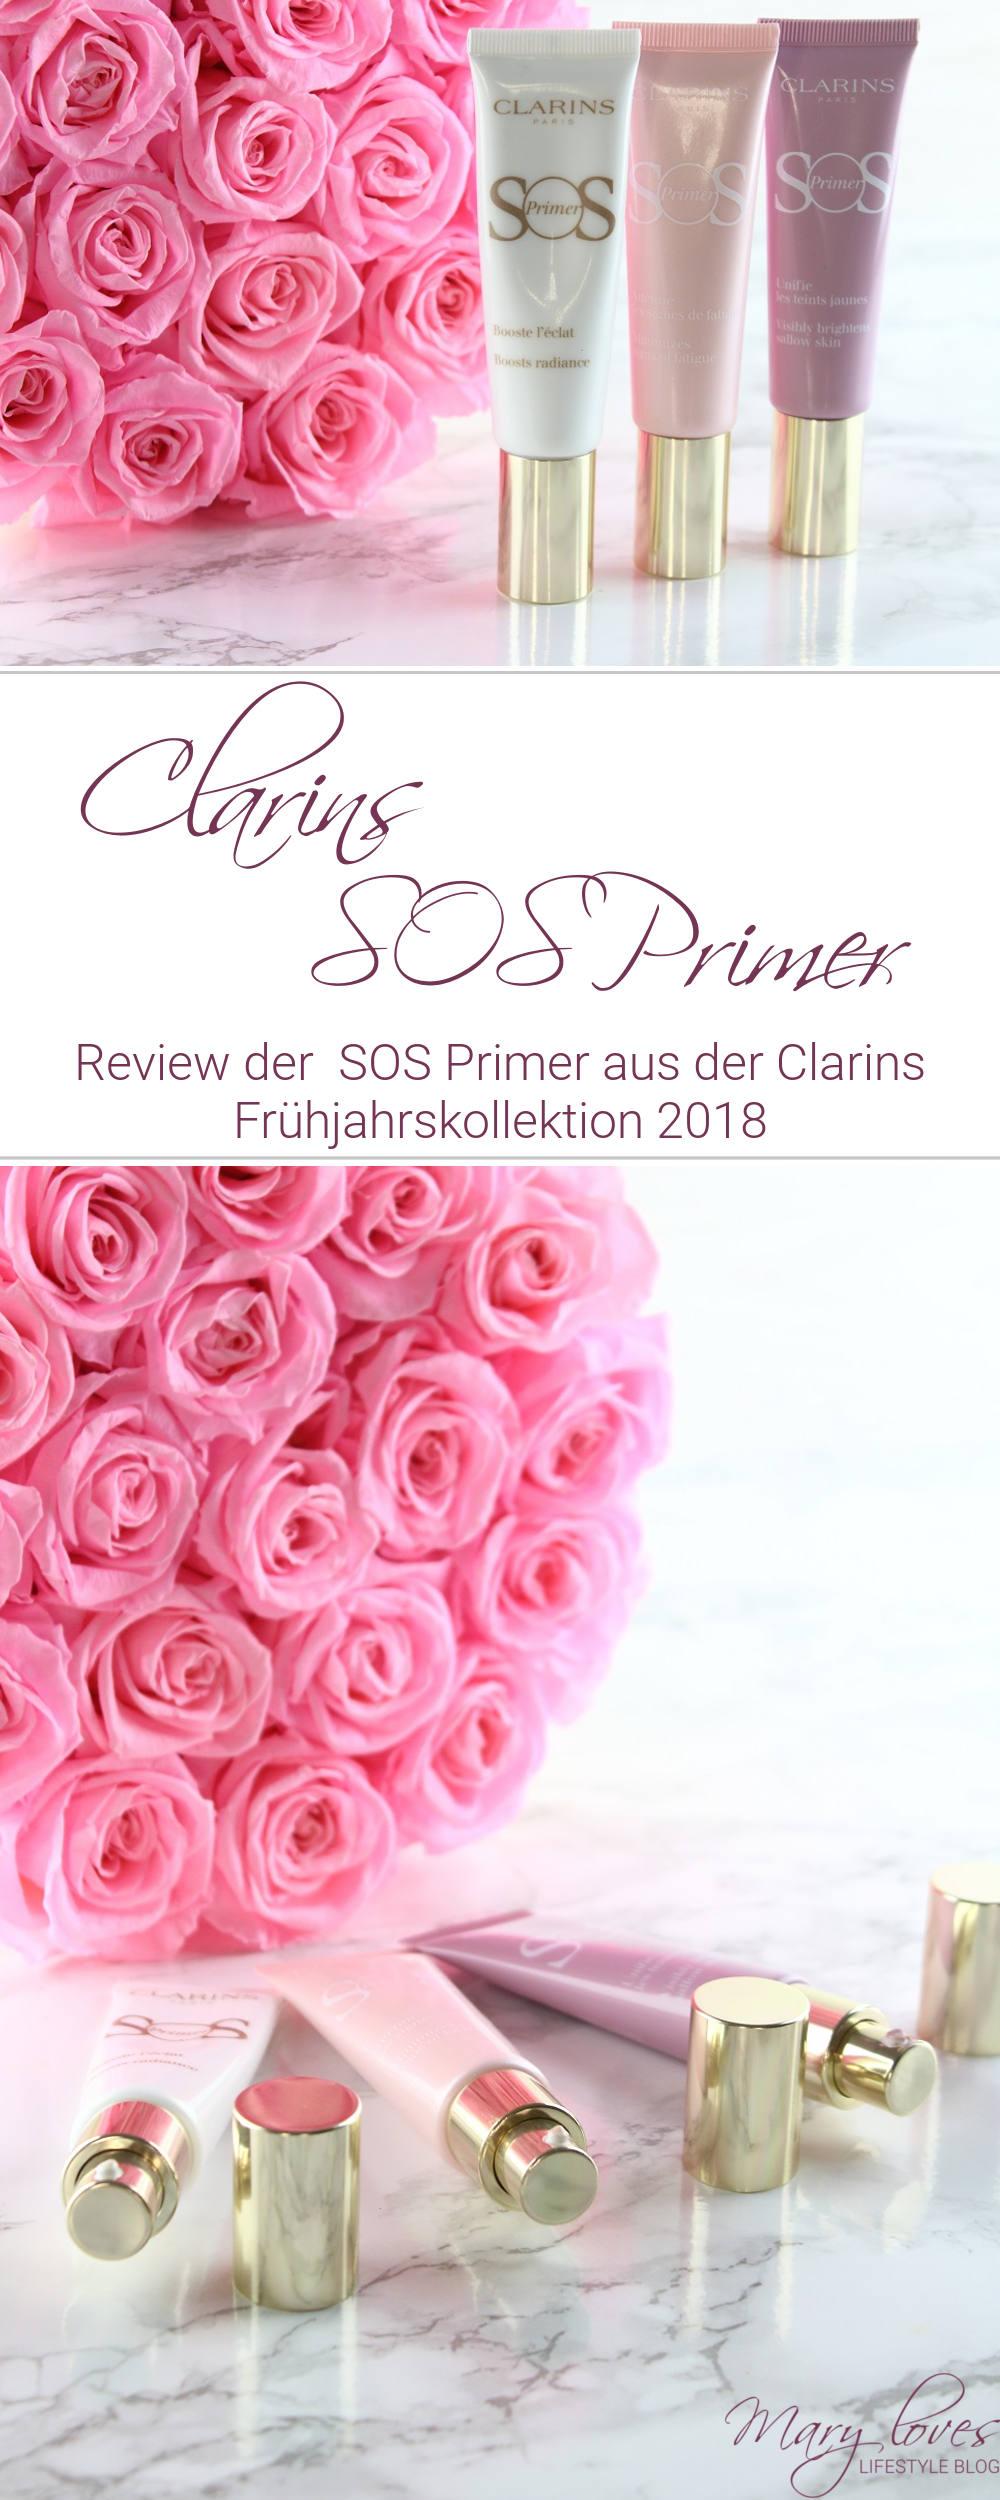 [Anzeige - Produktplatzierung] Die SOS Primer aus der neuen Clarins Frühjahrskollektion 2018 - 00 - universal light - 01 - rosé - 05 lavender #clarins #sosprimer #primer #beautyreview